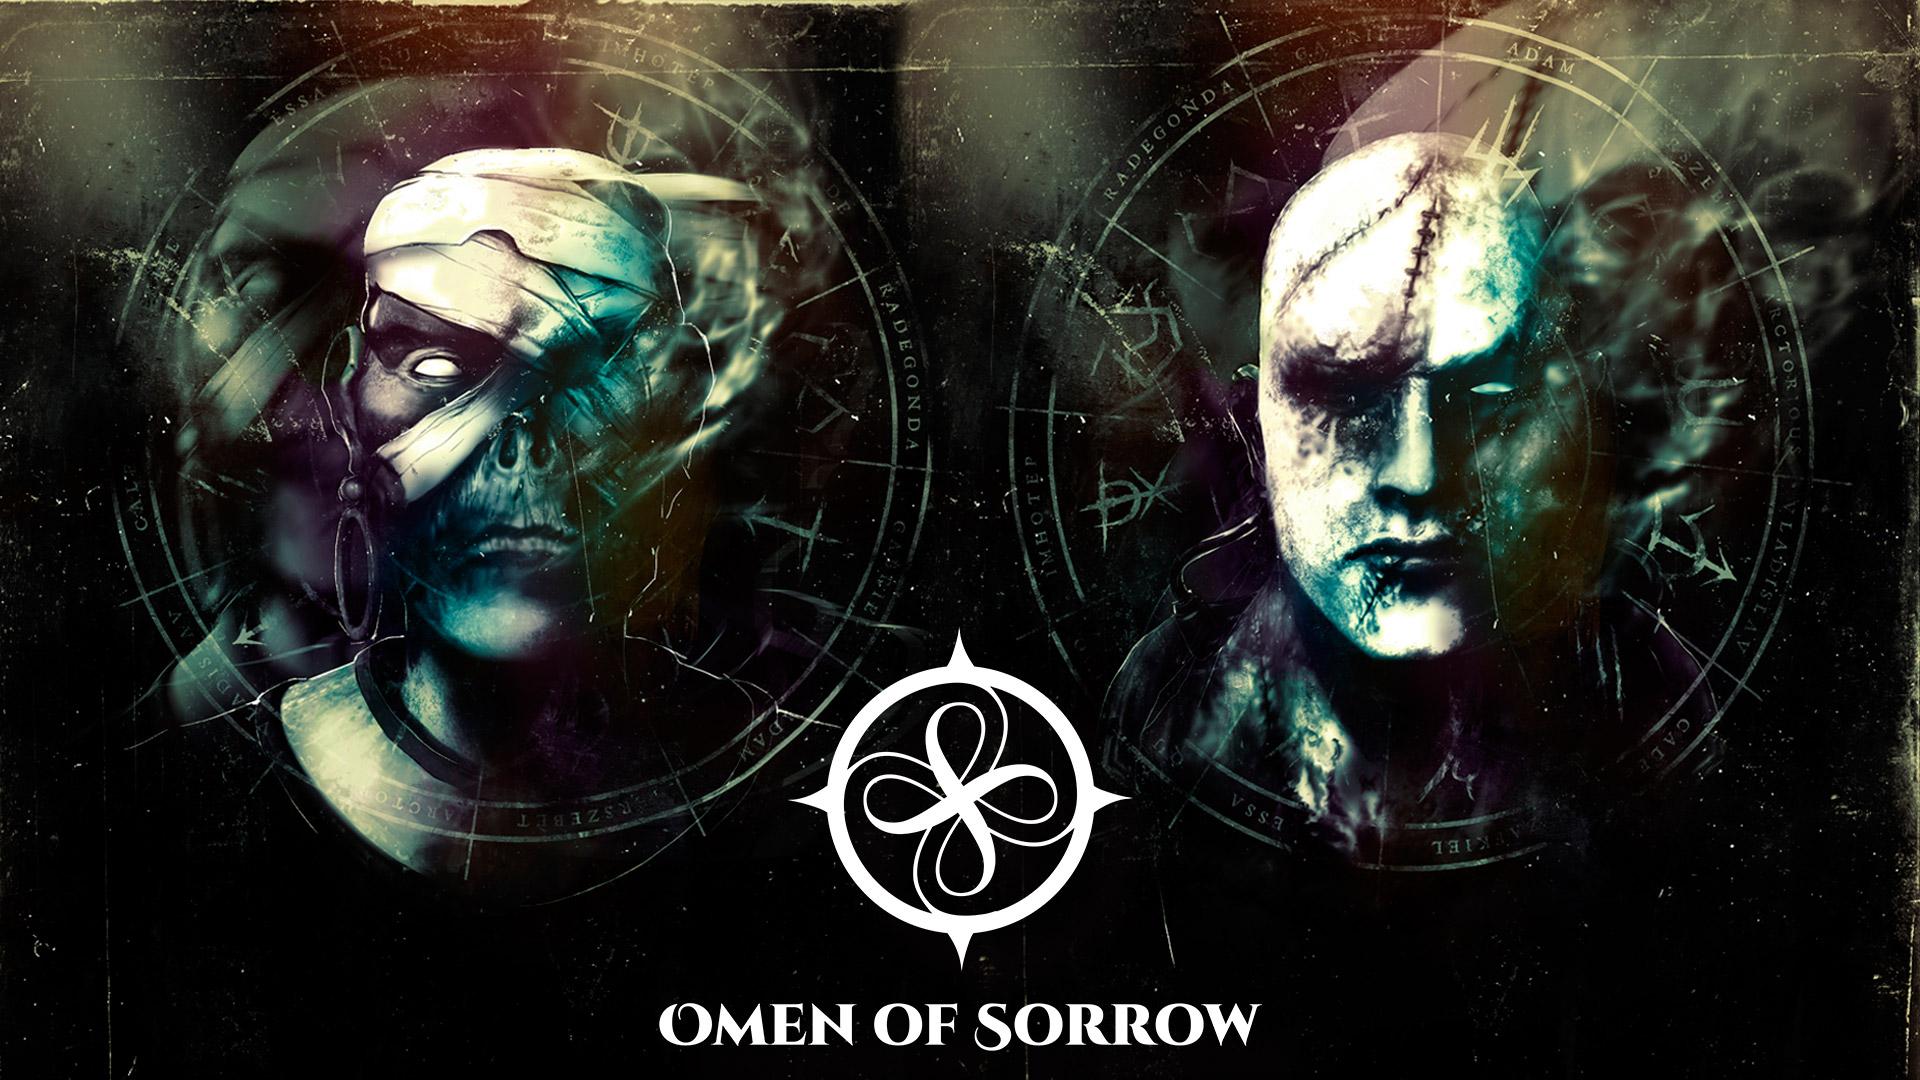 Free Omen of Sorrow Wallpaper in 1920x1080